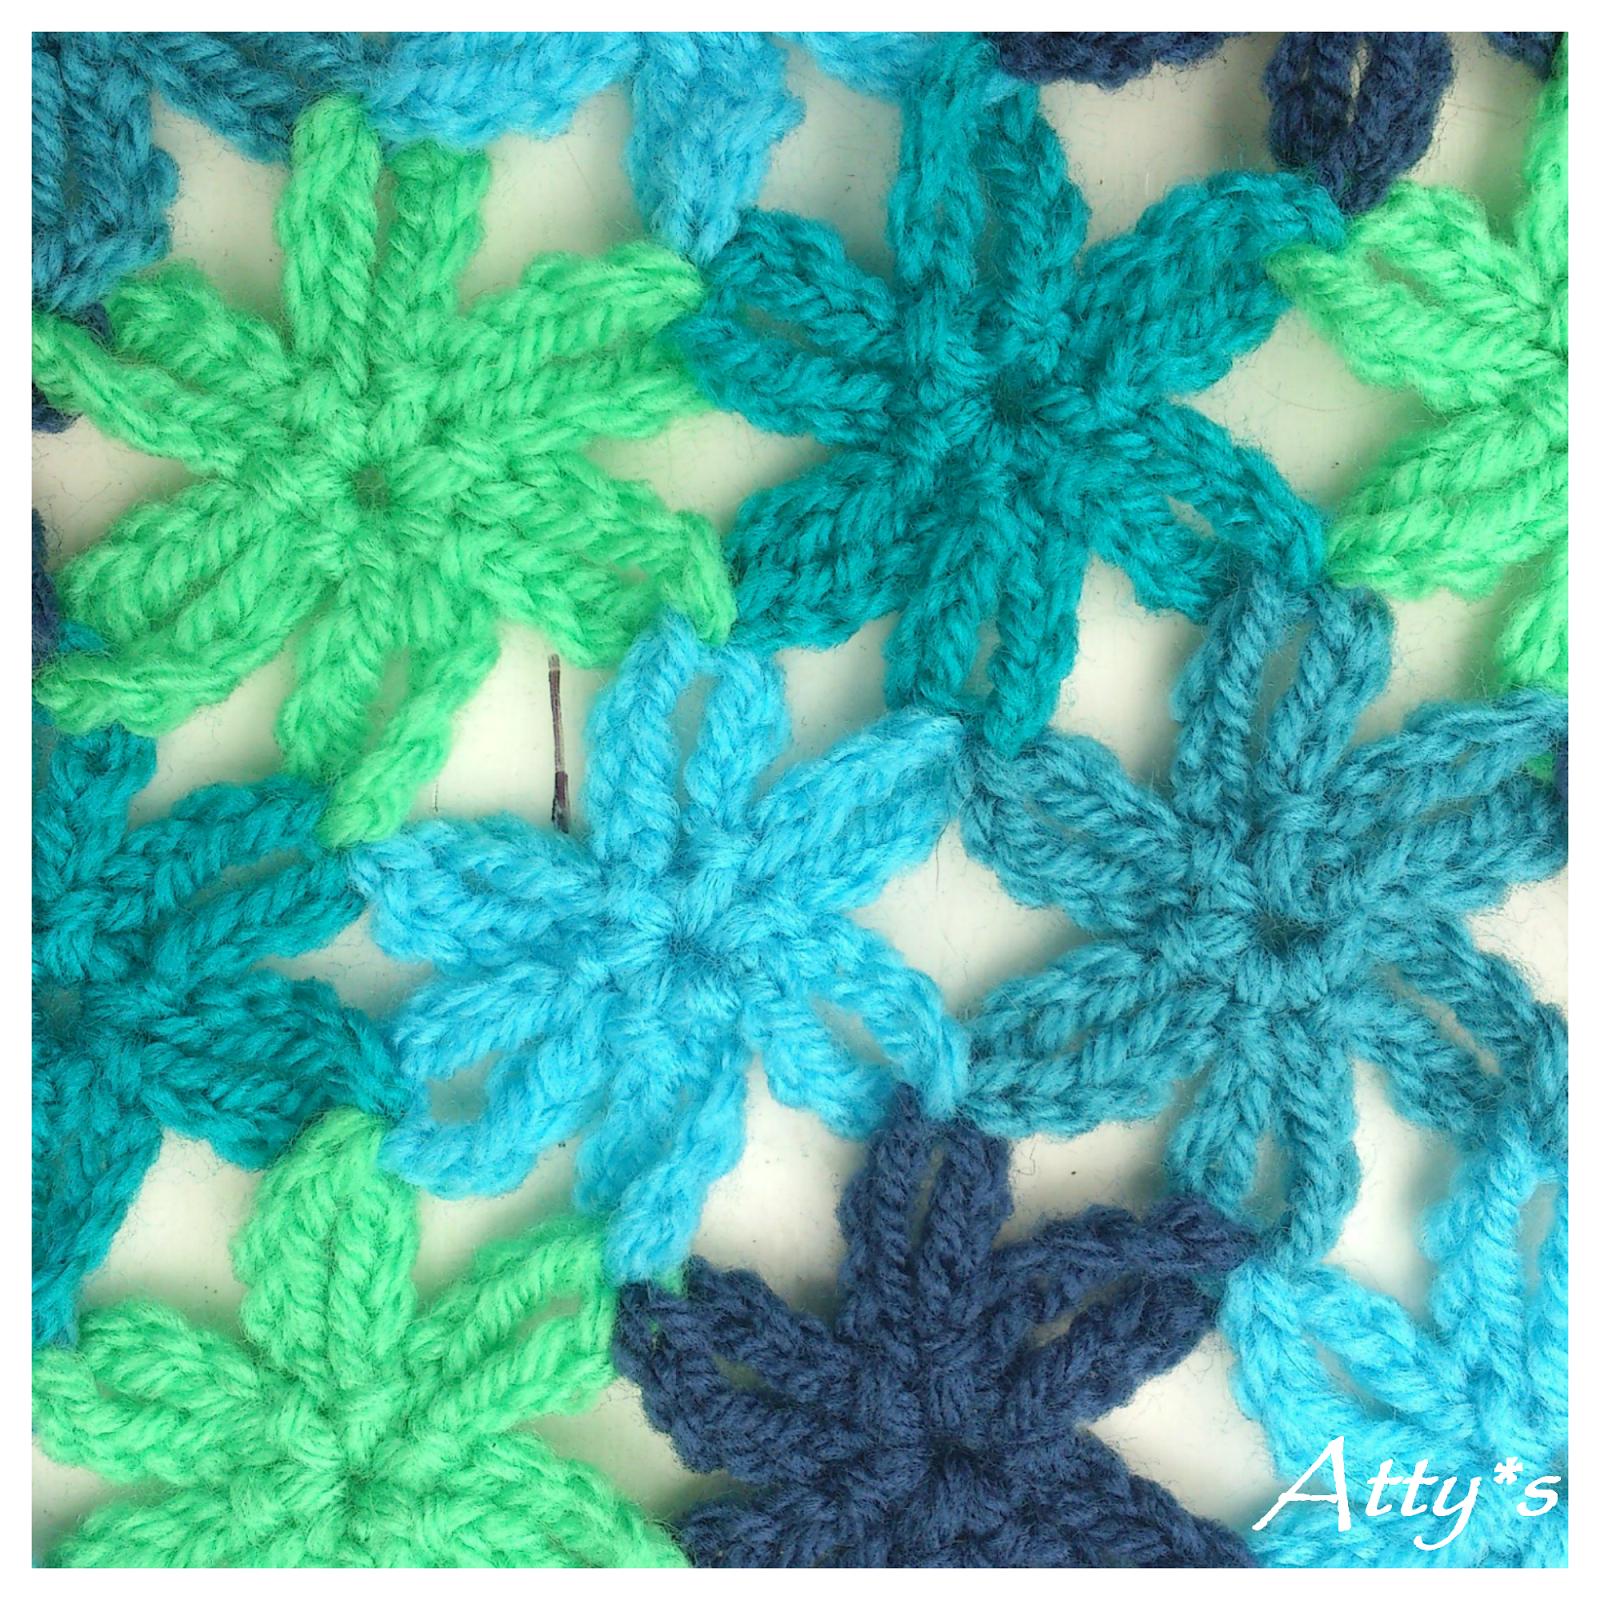 Joined Little Crochet Flower Pattern